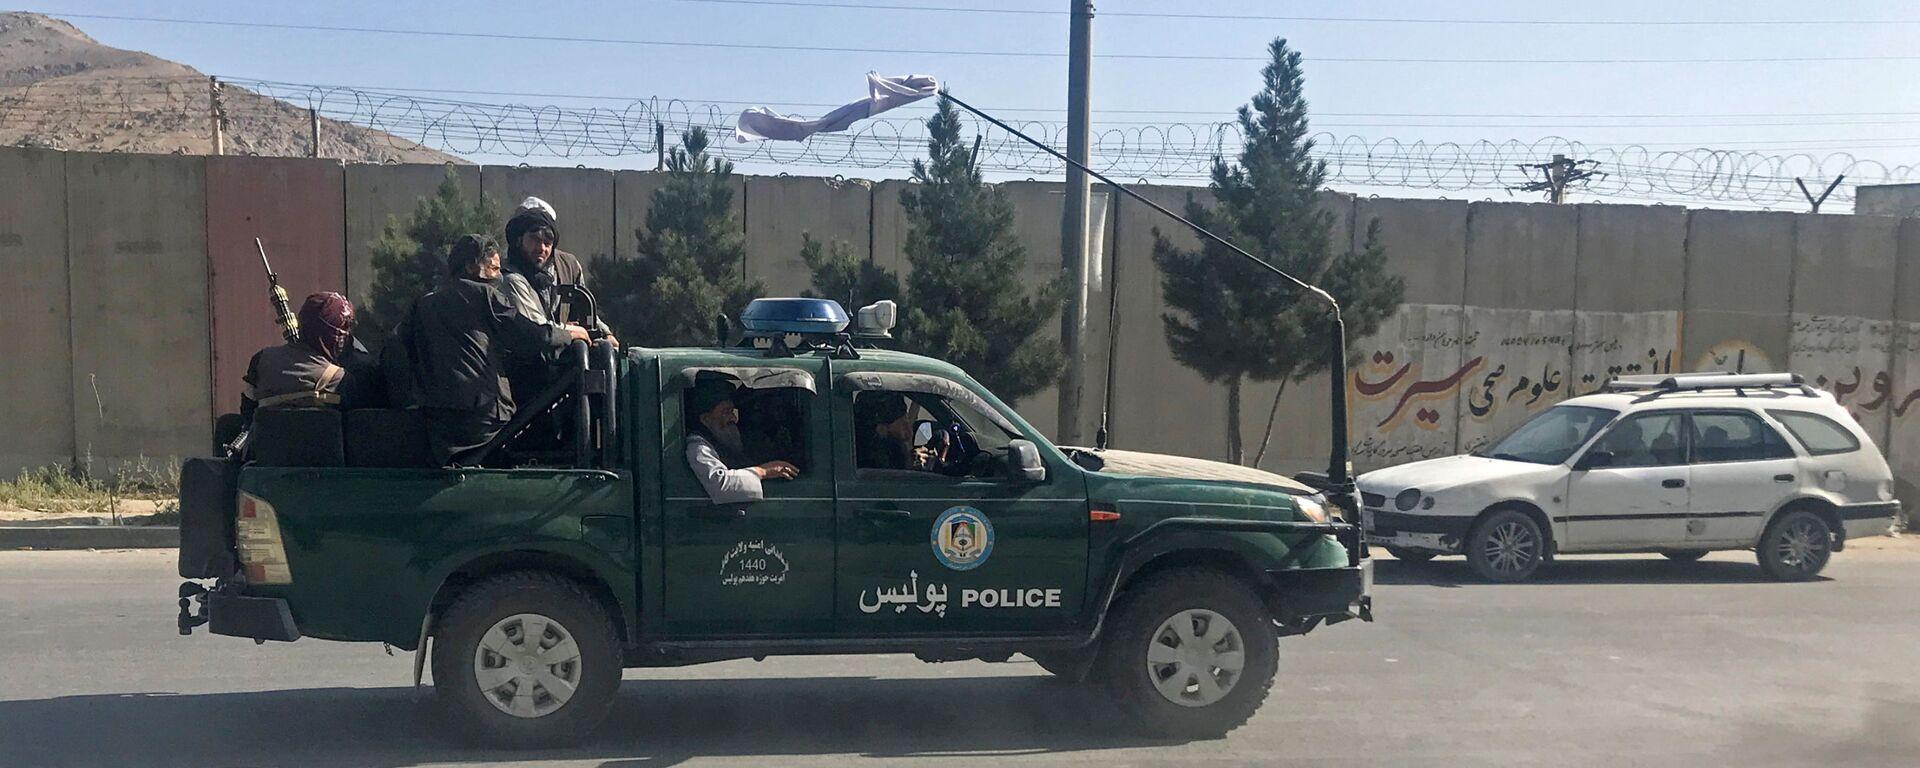 Combatientes talibanes viajan en un vehículo policial en Kabul - Sputnik Mundo, 1920, 17.08.2021